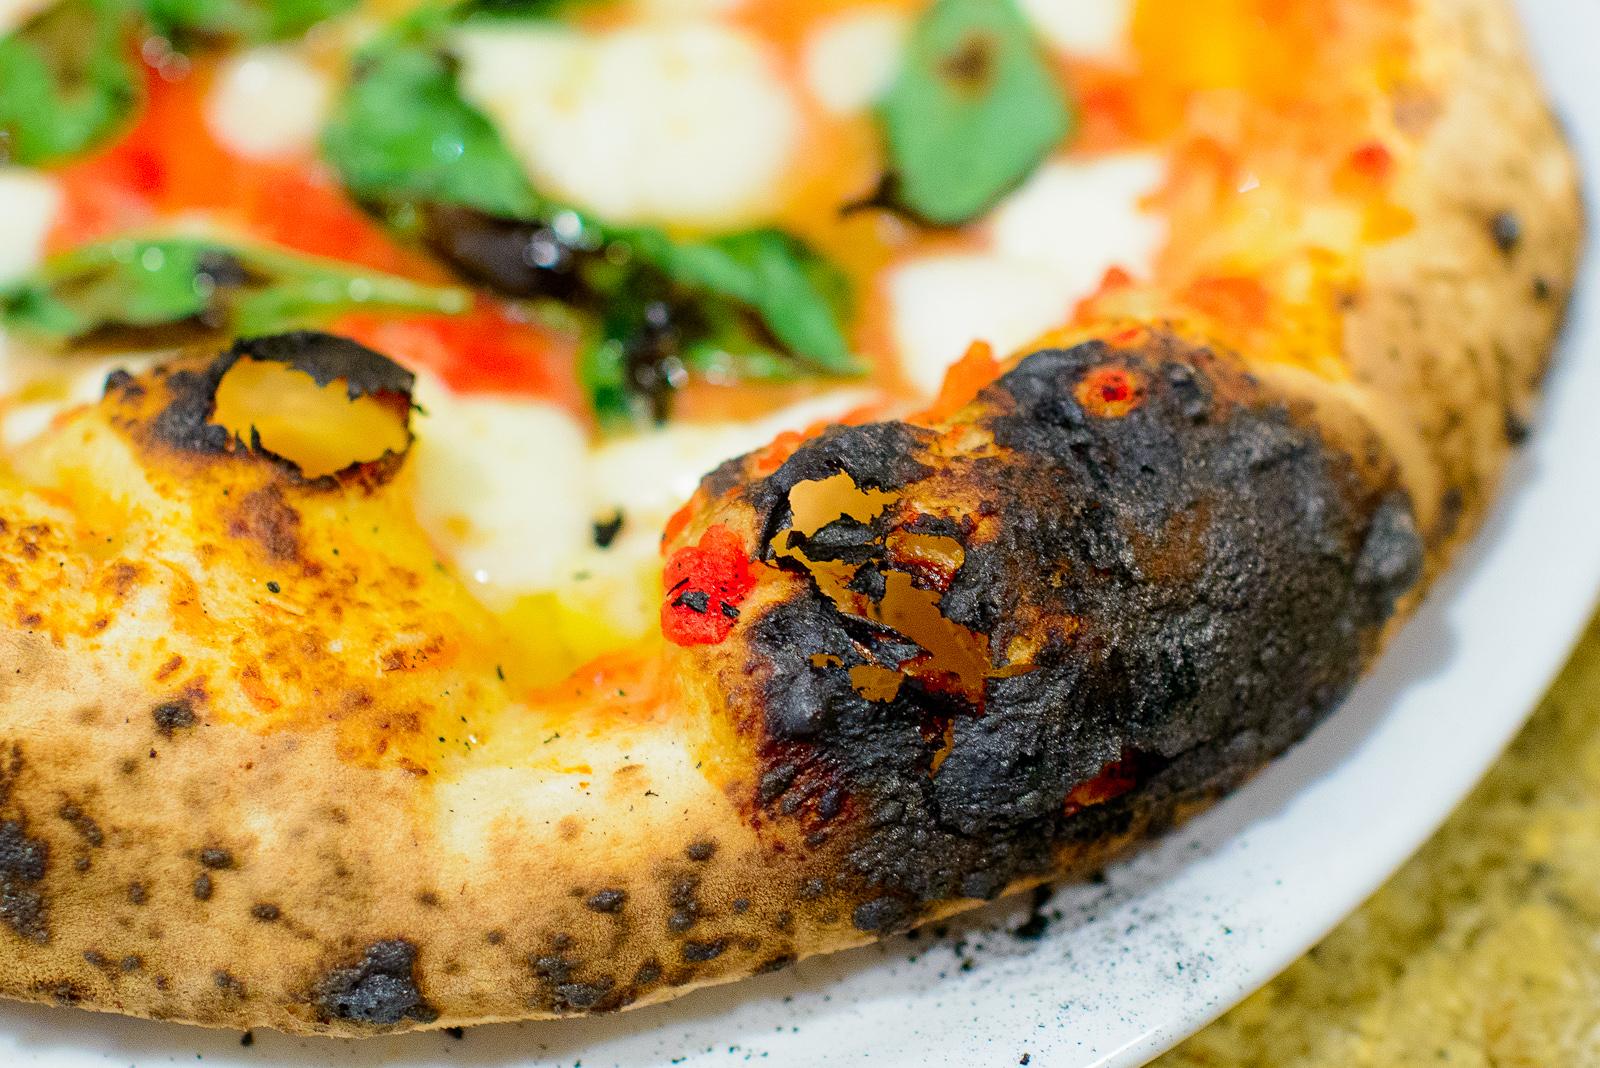 Blister on the Pizza Margherita - San Marzano tomatoes, buffalo